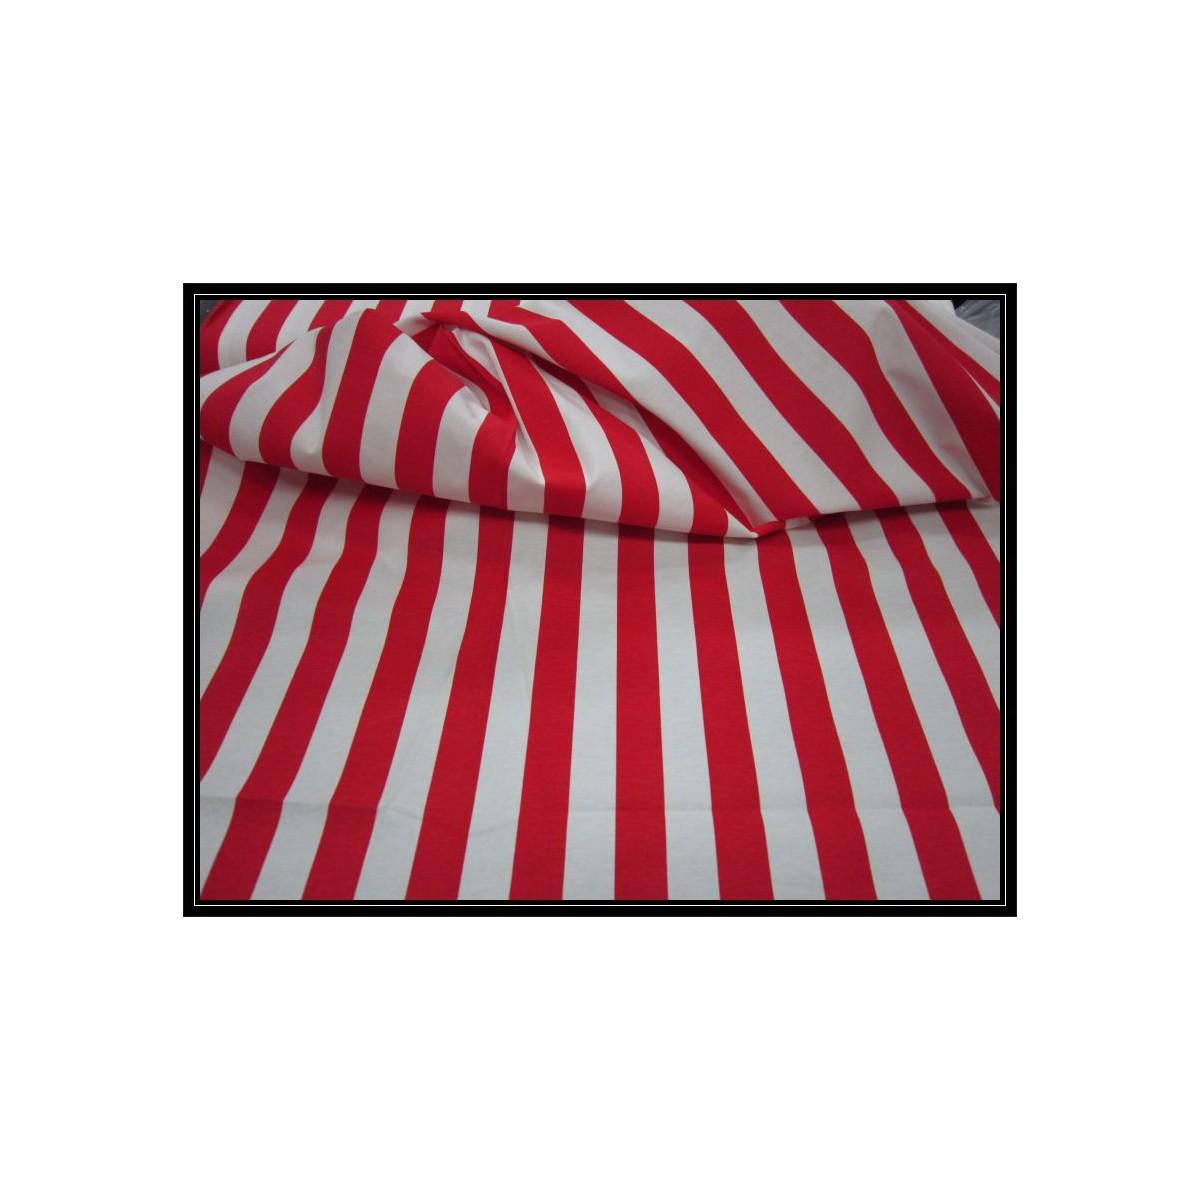 Tkanina, bawełniana na poduchy ogrodowe, szer. 180